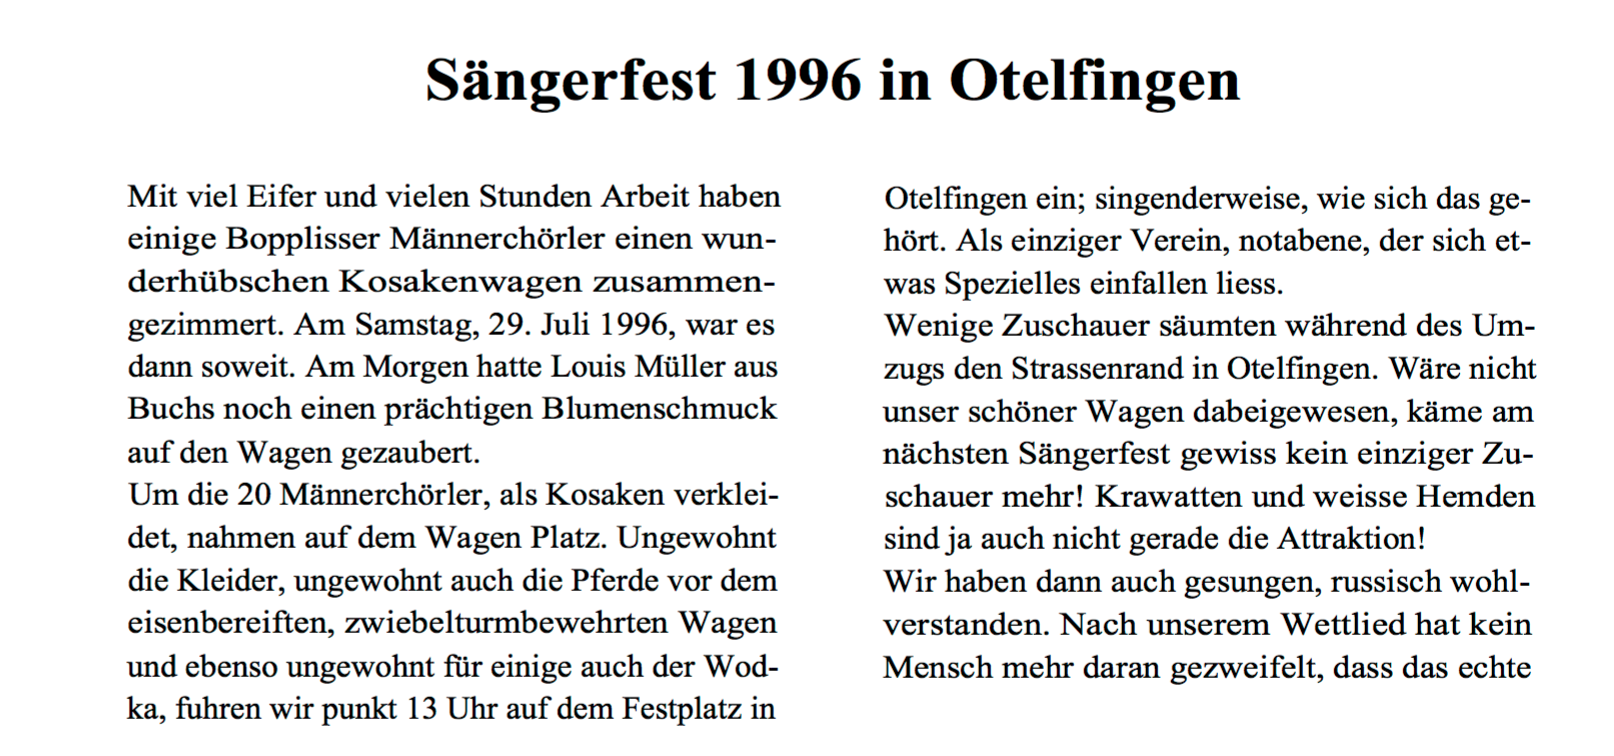 Bericht von Fredy Mäder zum Bezirkssängerfest 1996 in Otelfingenvon::BOZY 3/96